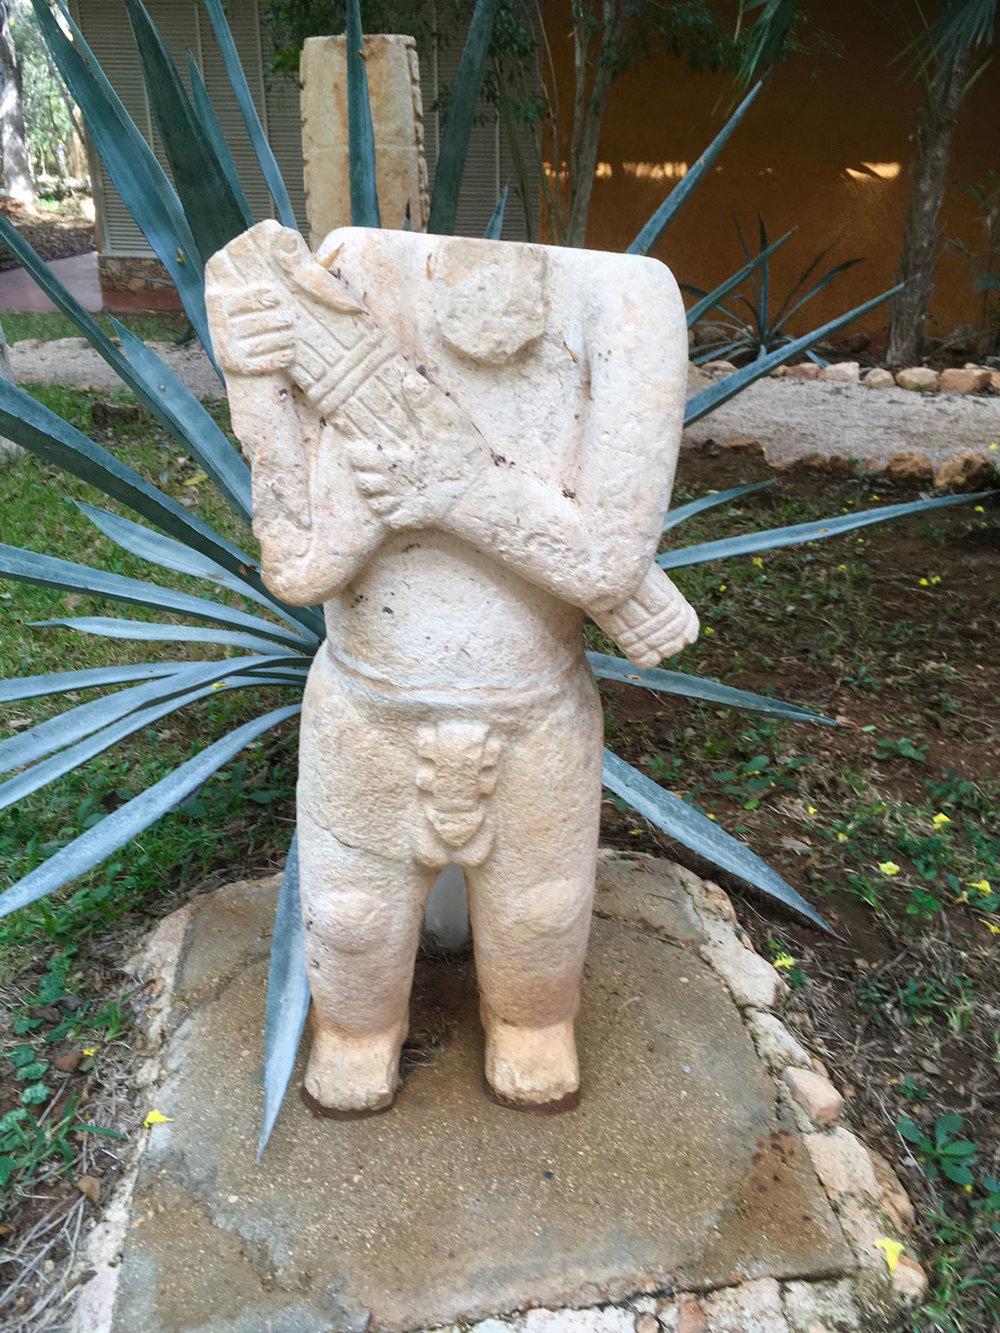 Hammocks_and_Ruins_Riviera_Maya_Mexico_Explore_What_to_Do_Yucatan_Ruins_Uxmal_50.jpg